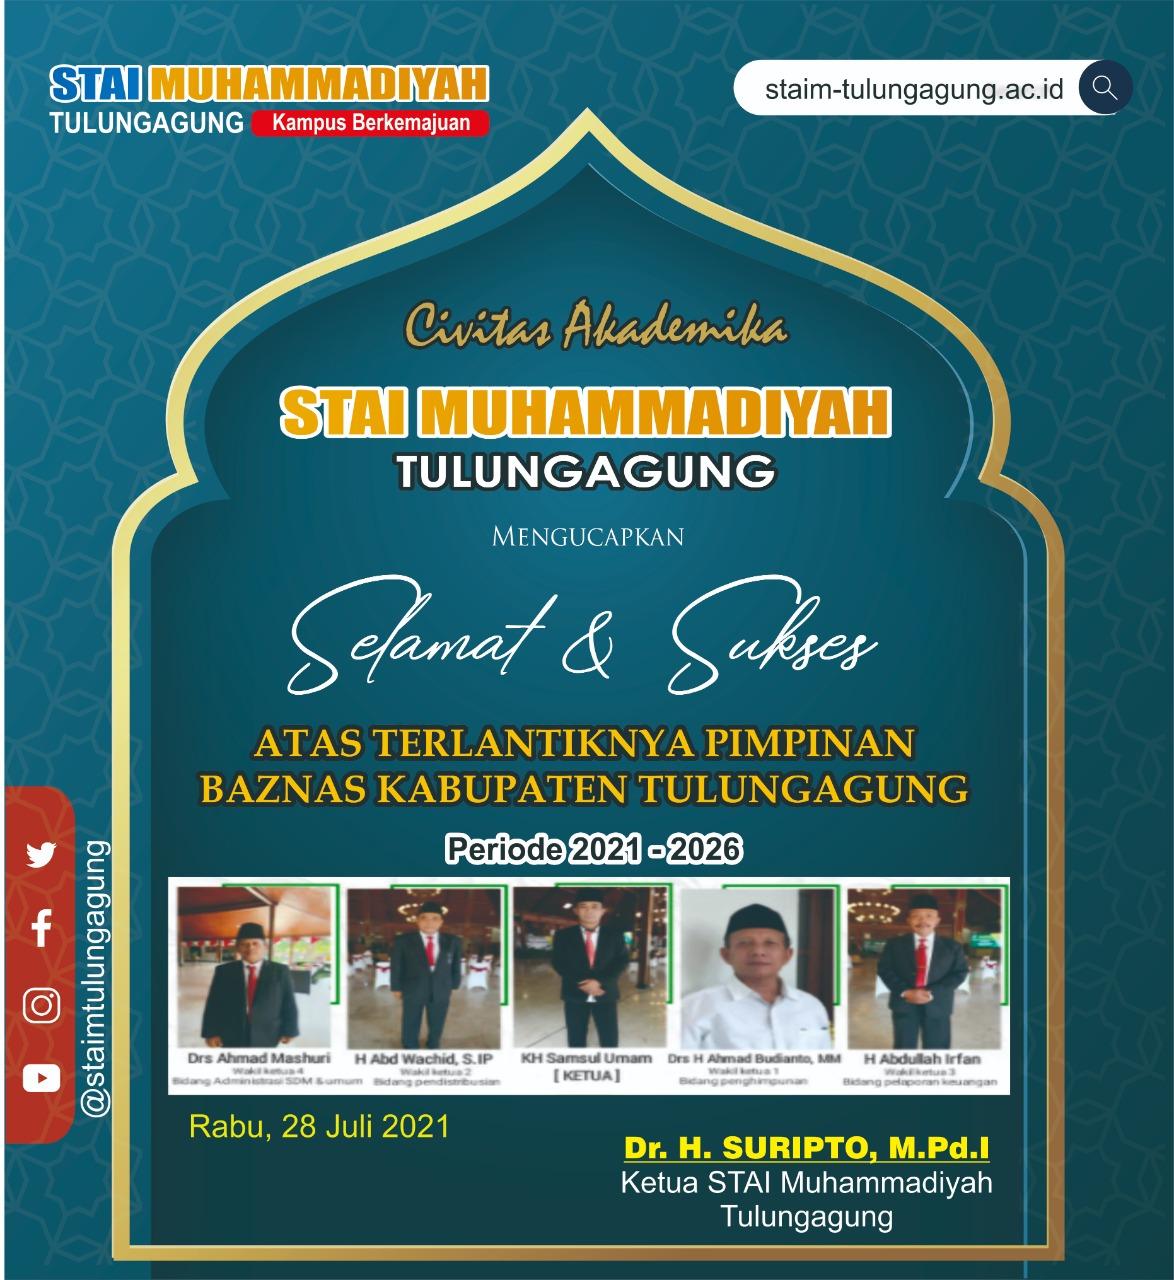 Selamat dan Sukses atas Terlantiknya Pimpinan Baznas Kabupaten Tulungagung